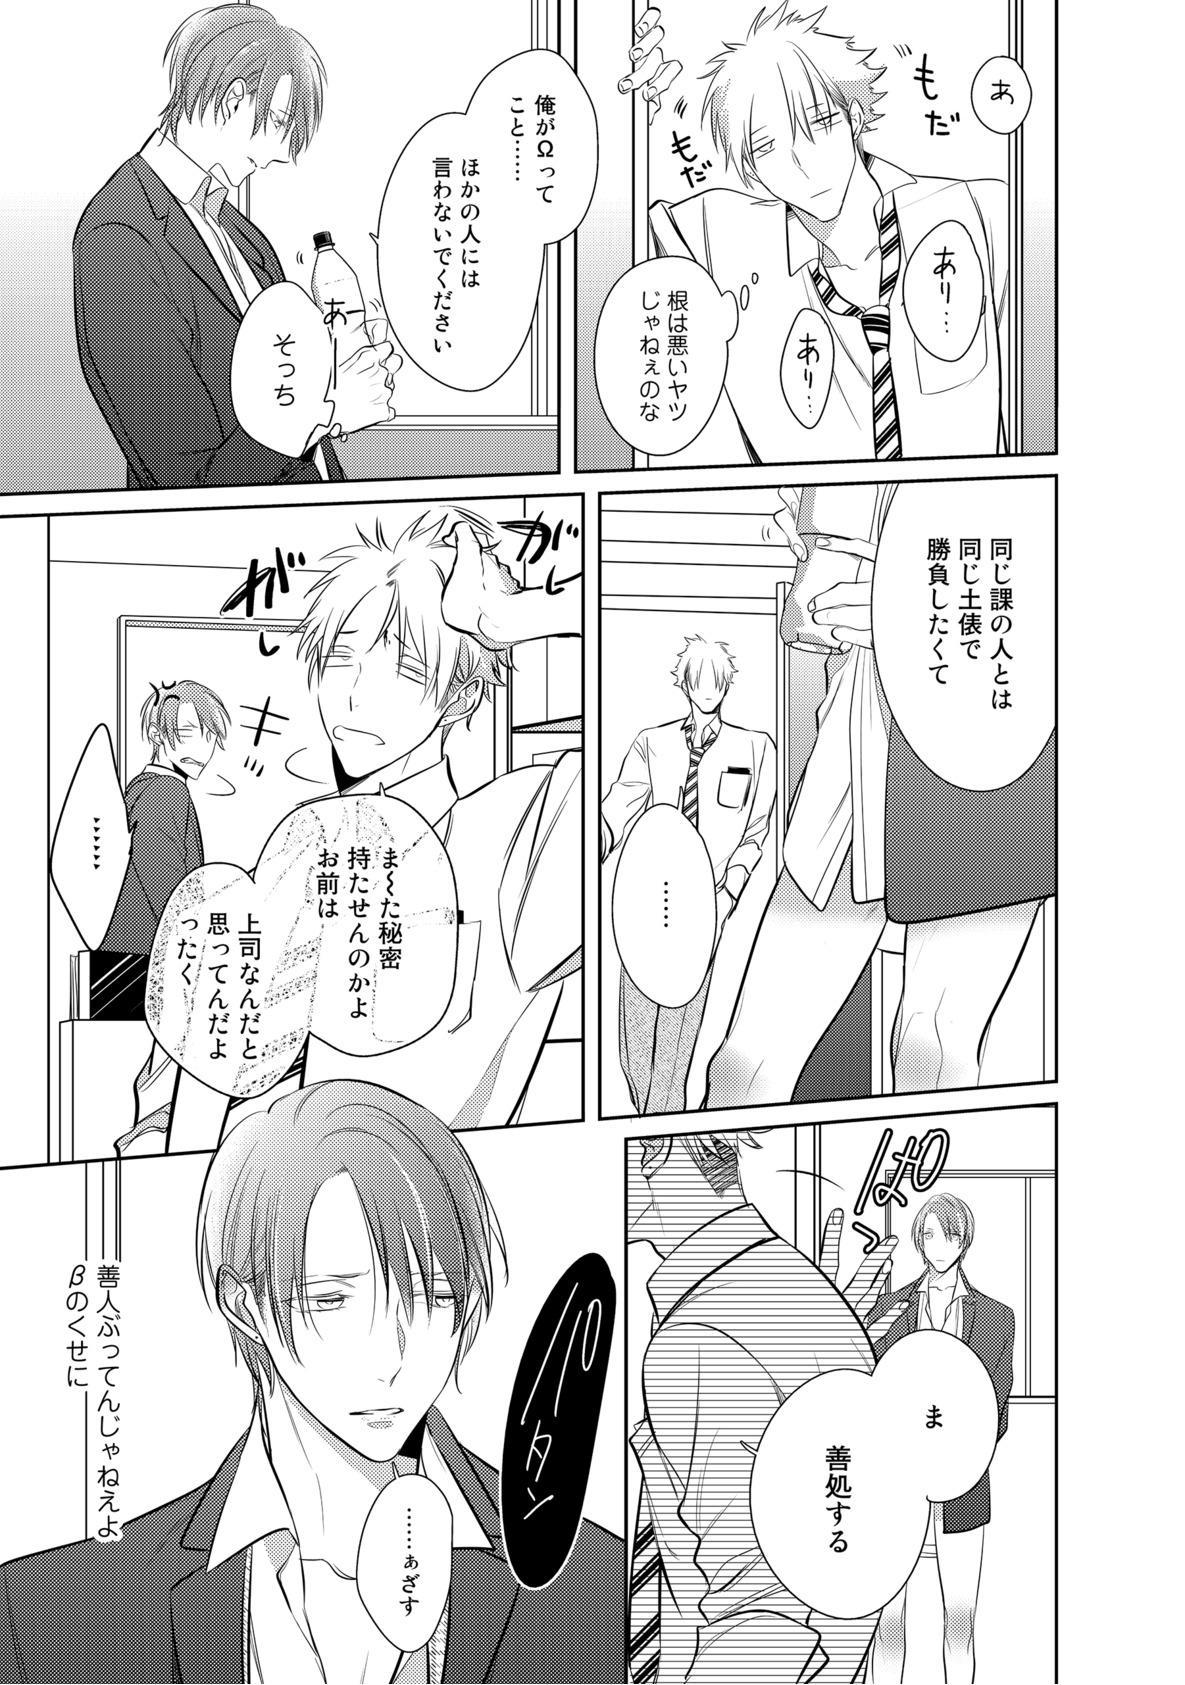 Kurui Naku no wa Boku no Ban ~ vol.2 50